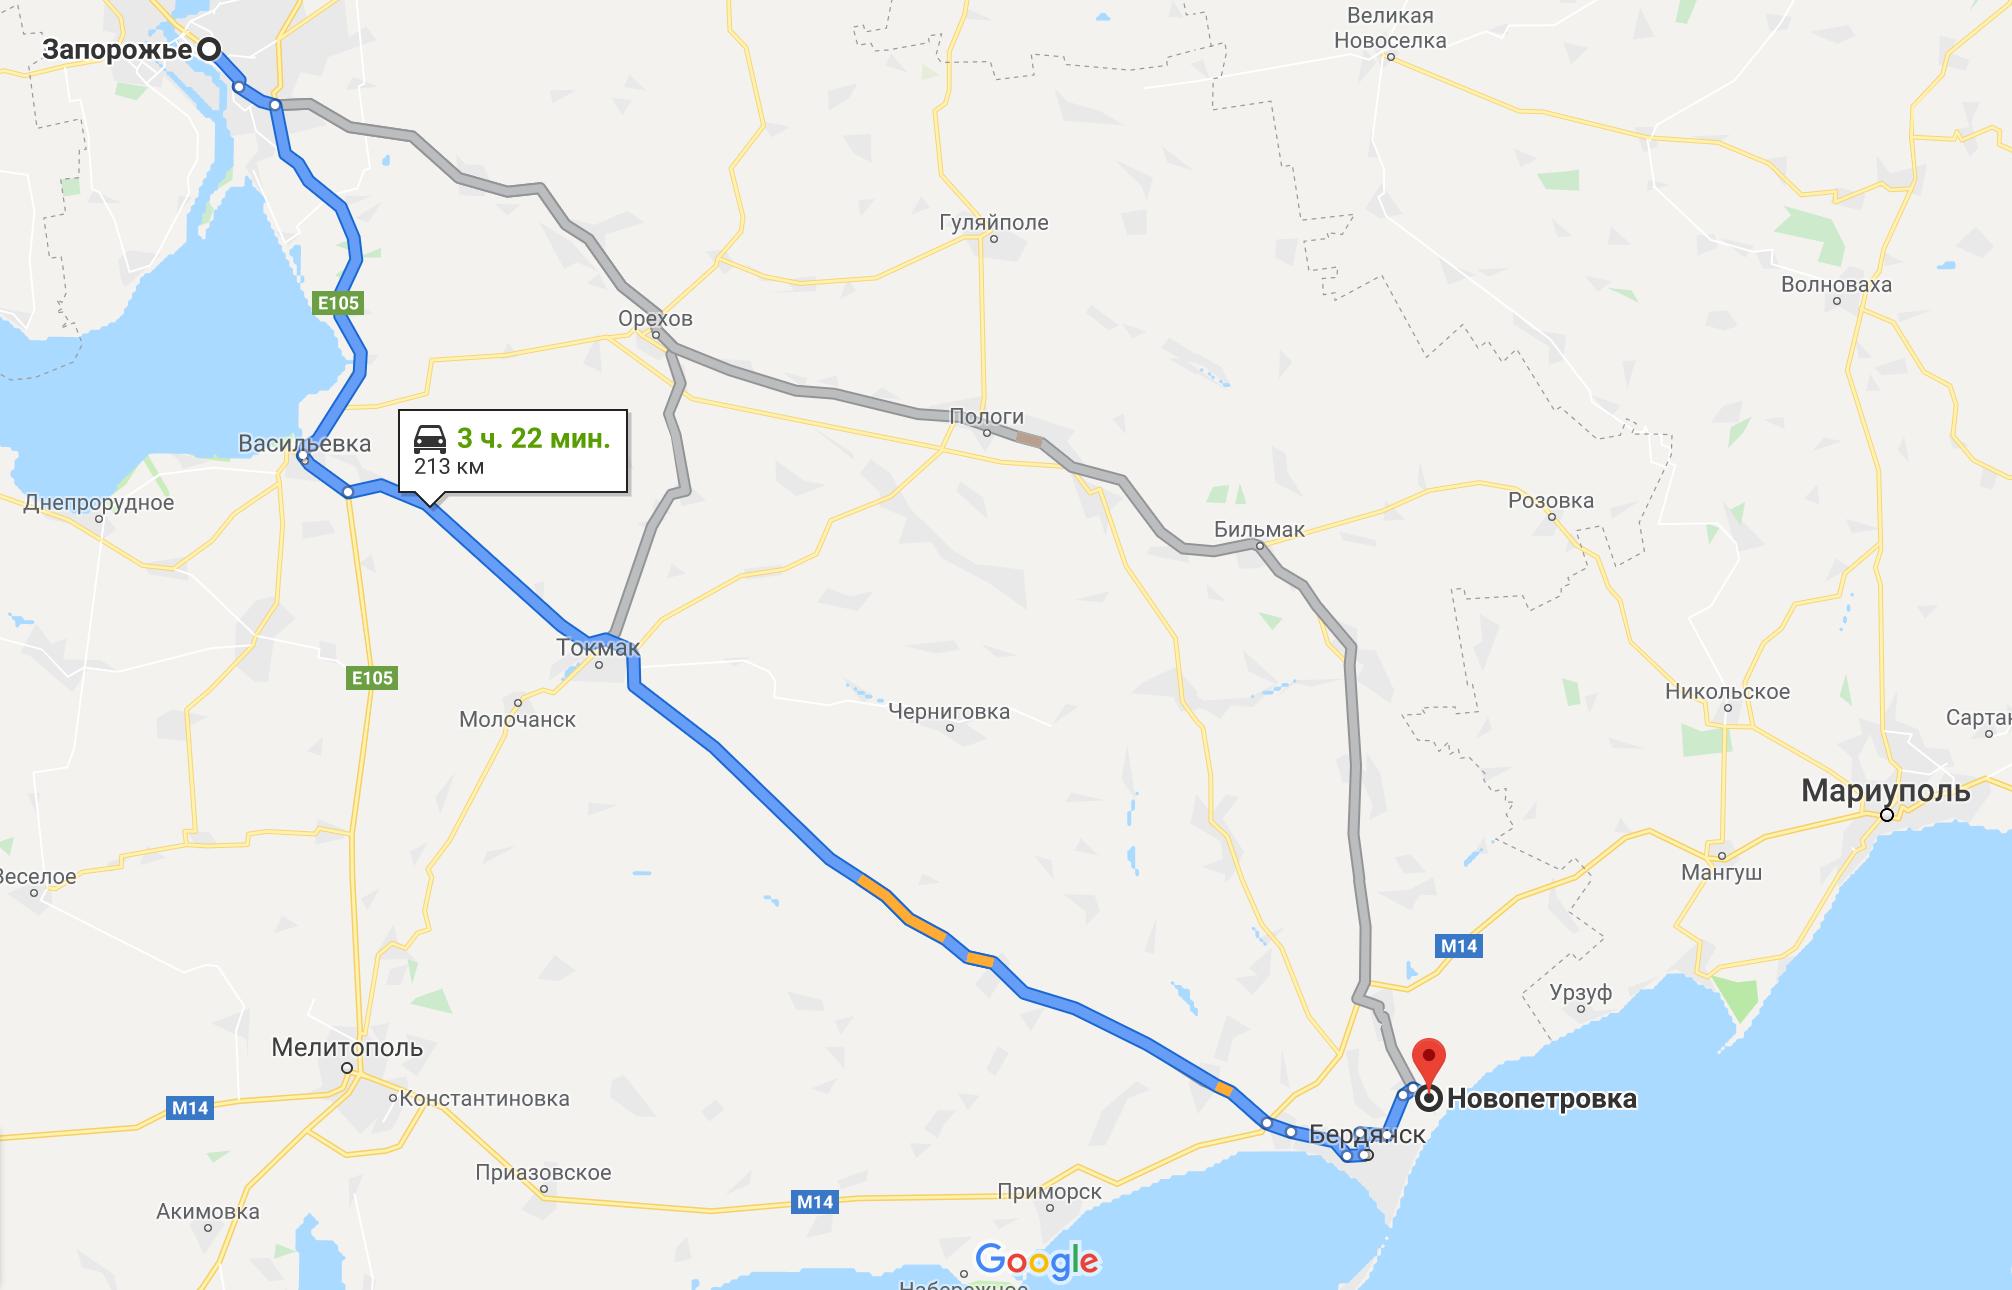 Как добраться до Новопетровки на авто из Запорожья